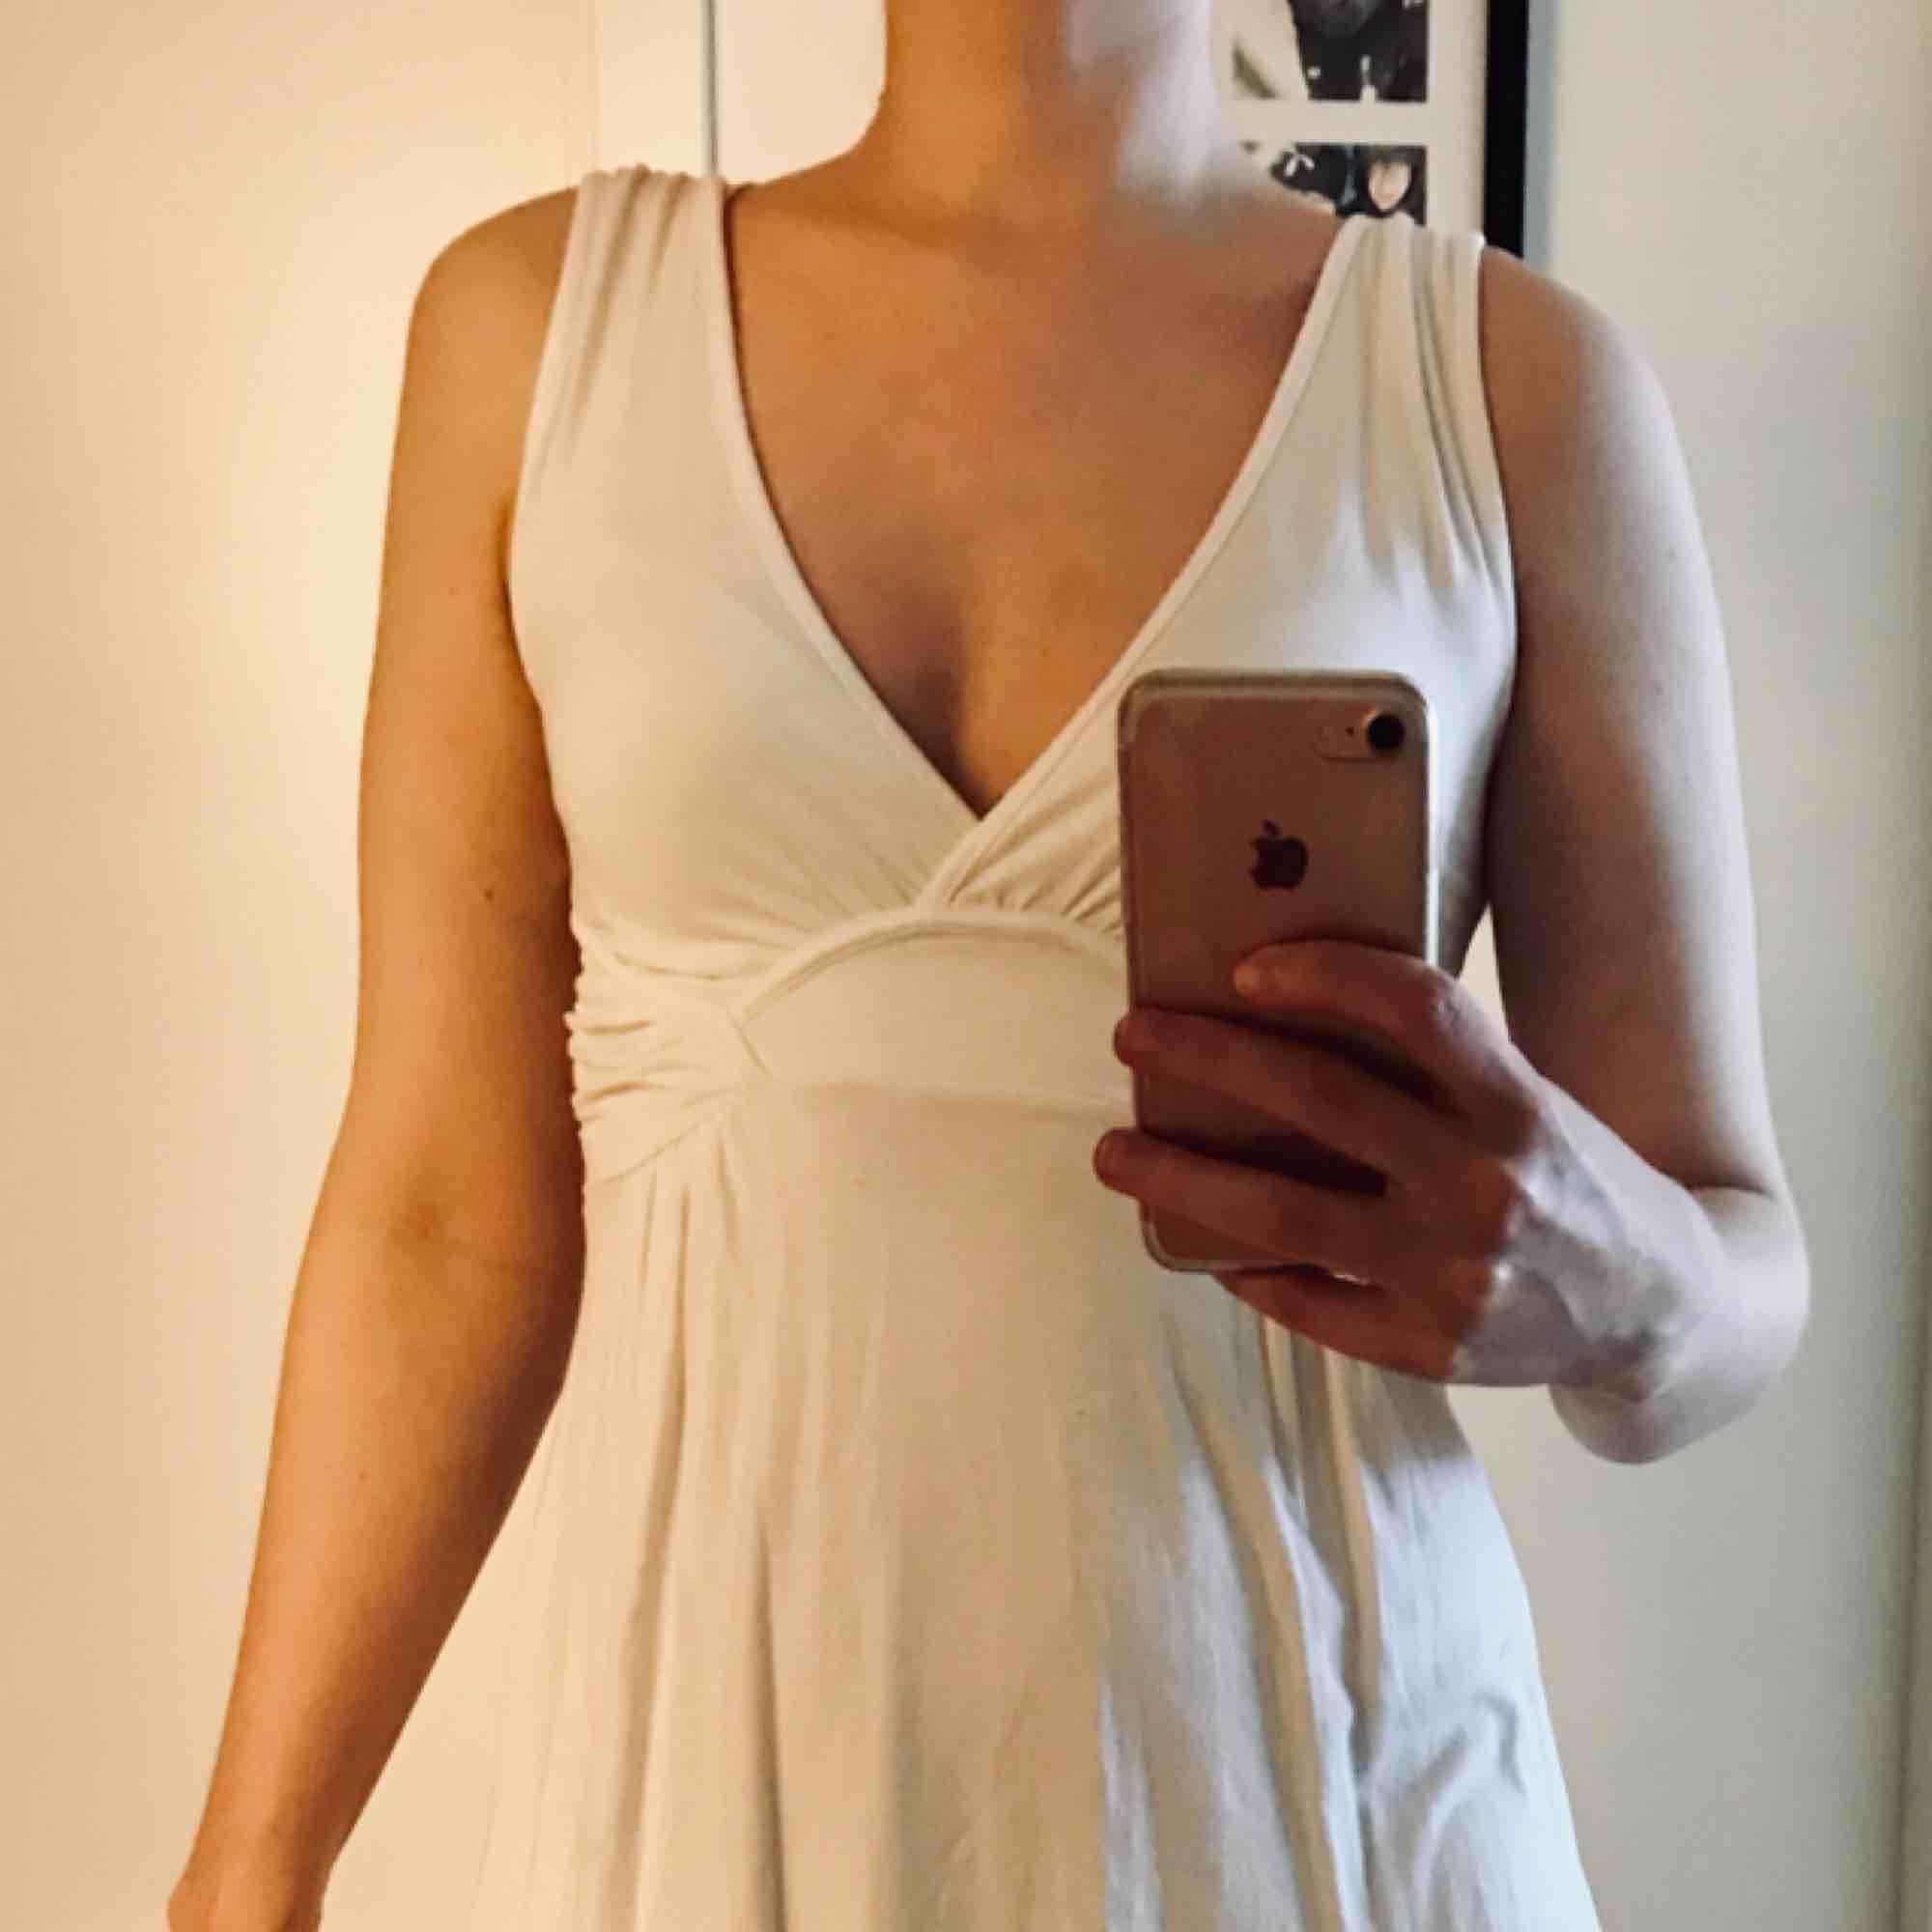 Vit klänning i bomull från Zara, stl S. Enkel men känns ändå lyxig, mjukt material. Fina detaljer. Sparsamt använd. Perfekt till studenten!. Klänningar.